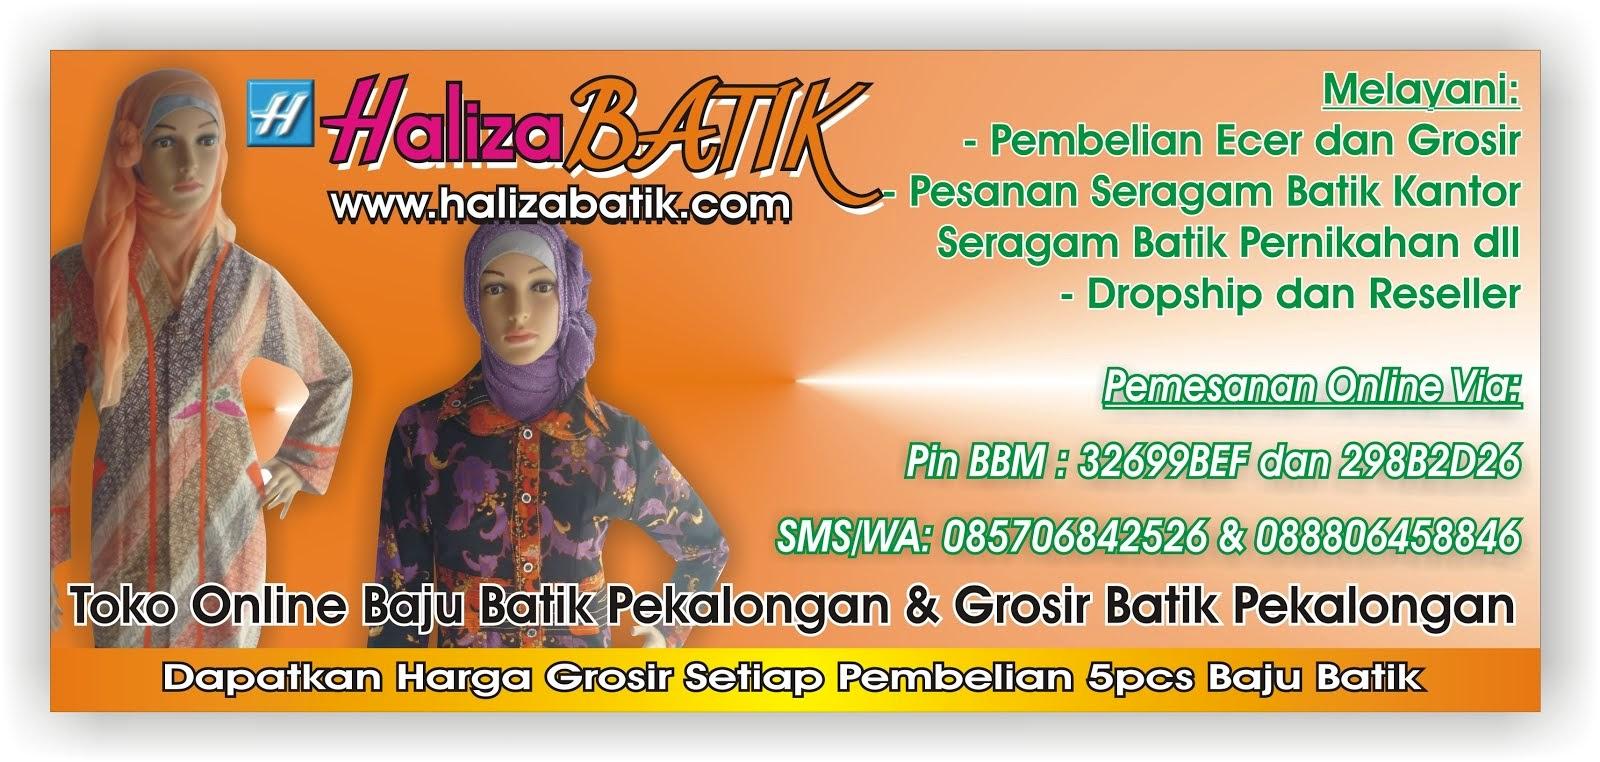 Batik Pekalongan Haliza, Baju Batik Haliza, Model Batik Haliza